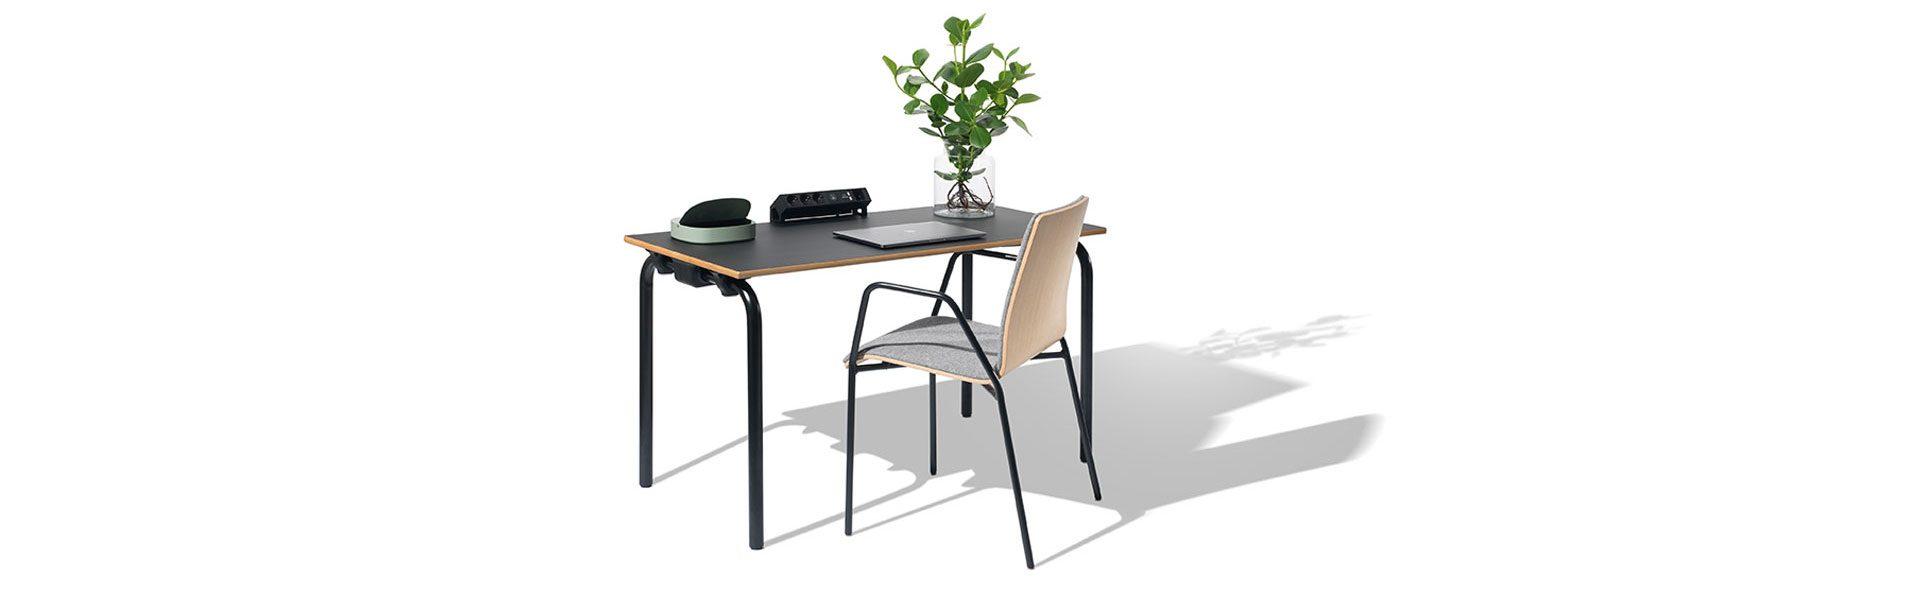 malschersitzmoebel-produkte-stuhl-classic-3352-und-tisch-224